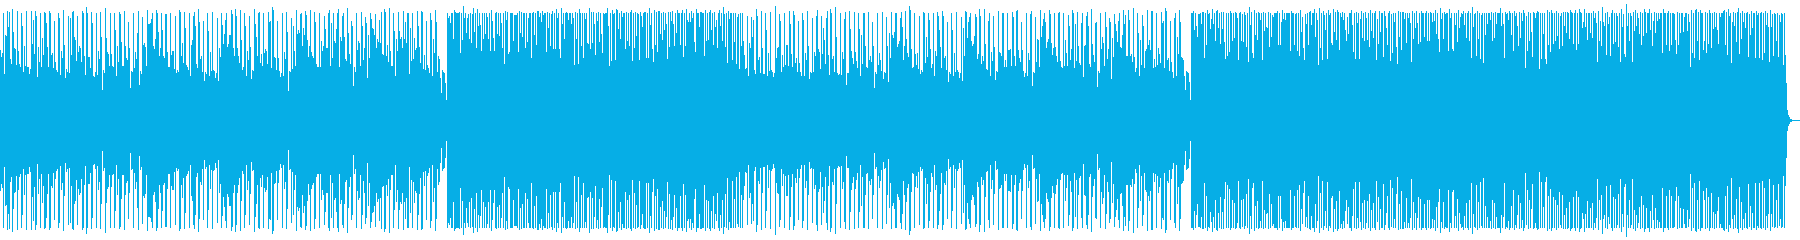 地底/地下/テクノ_No599_1の再生済みの波形